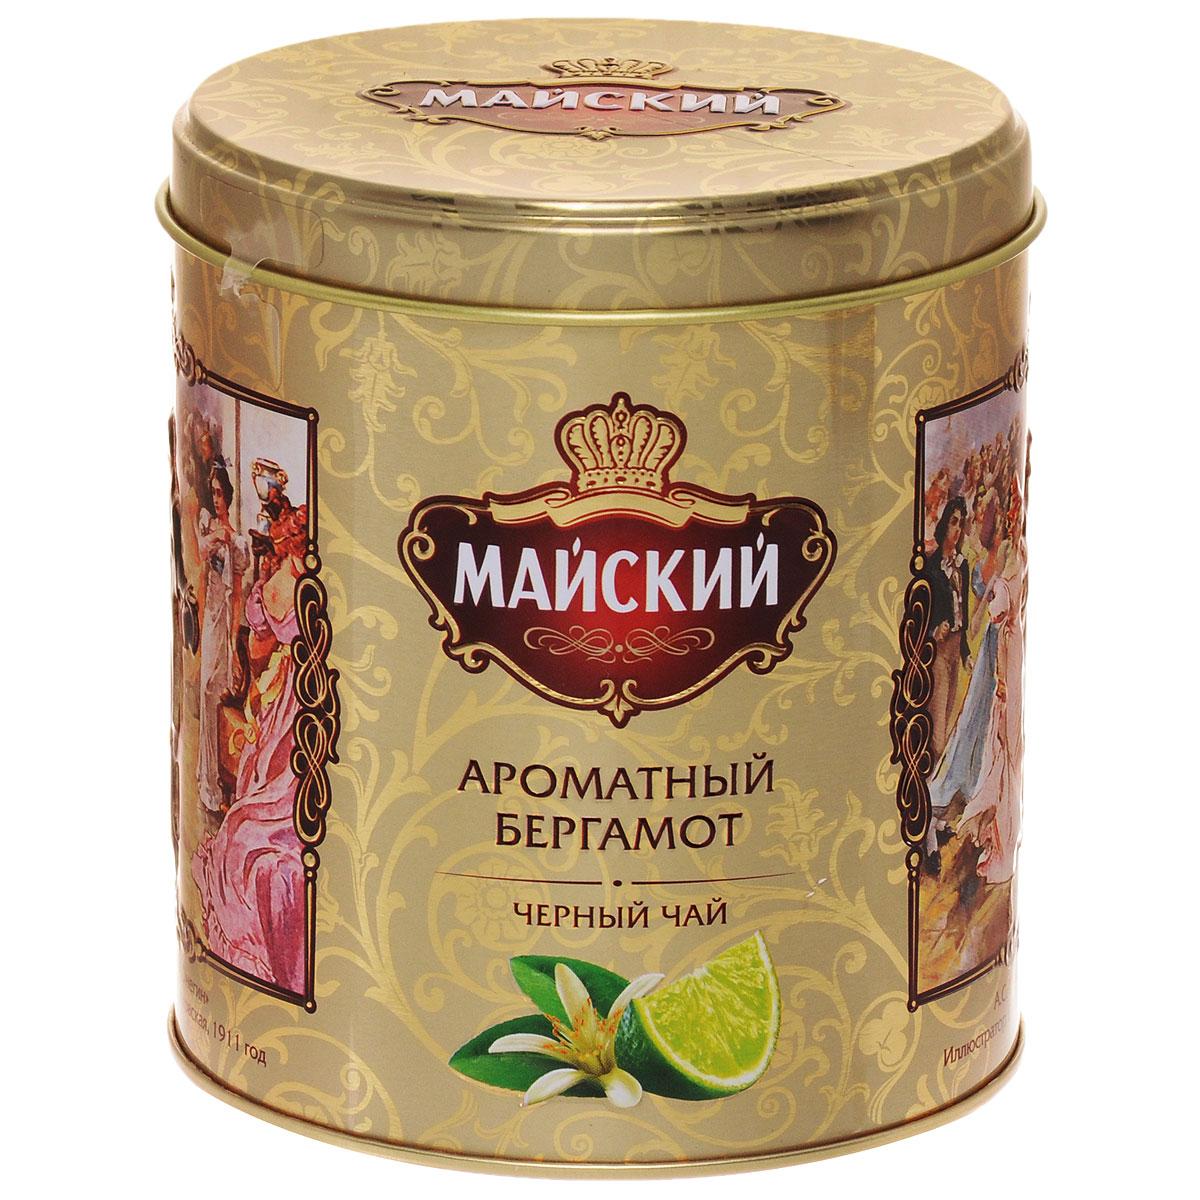 Майский Ароматный Бергамот черный ароматизированный листовой чай, 90 г114201Майский Ароматный Бергамот - это уникальный и изысканный вкус черного чая со свежими цитрусовыми нотками.